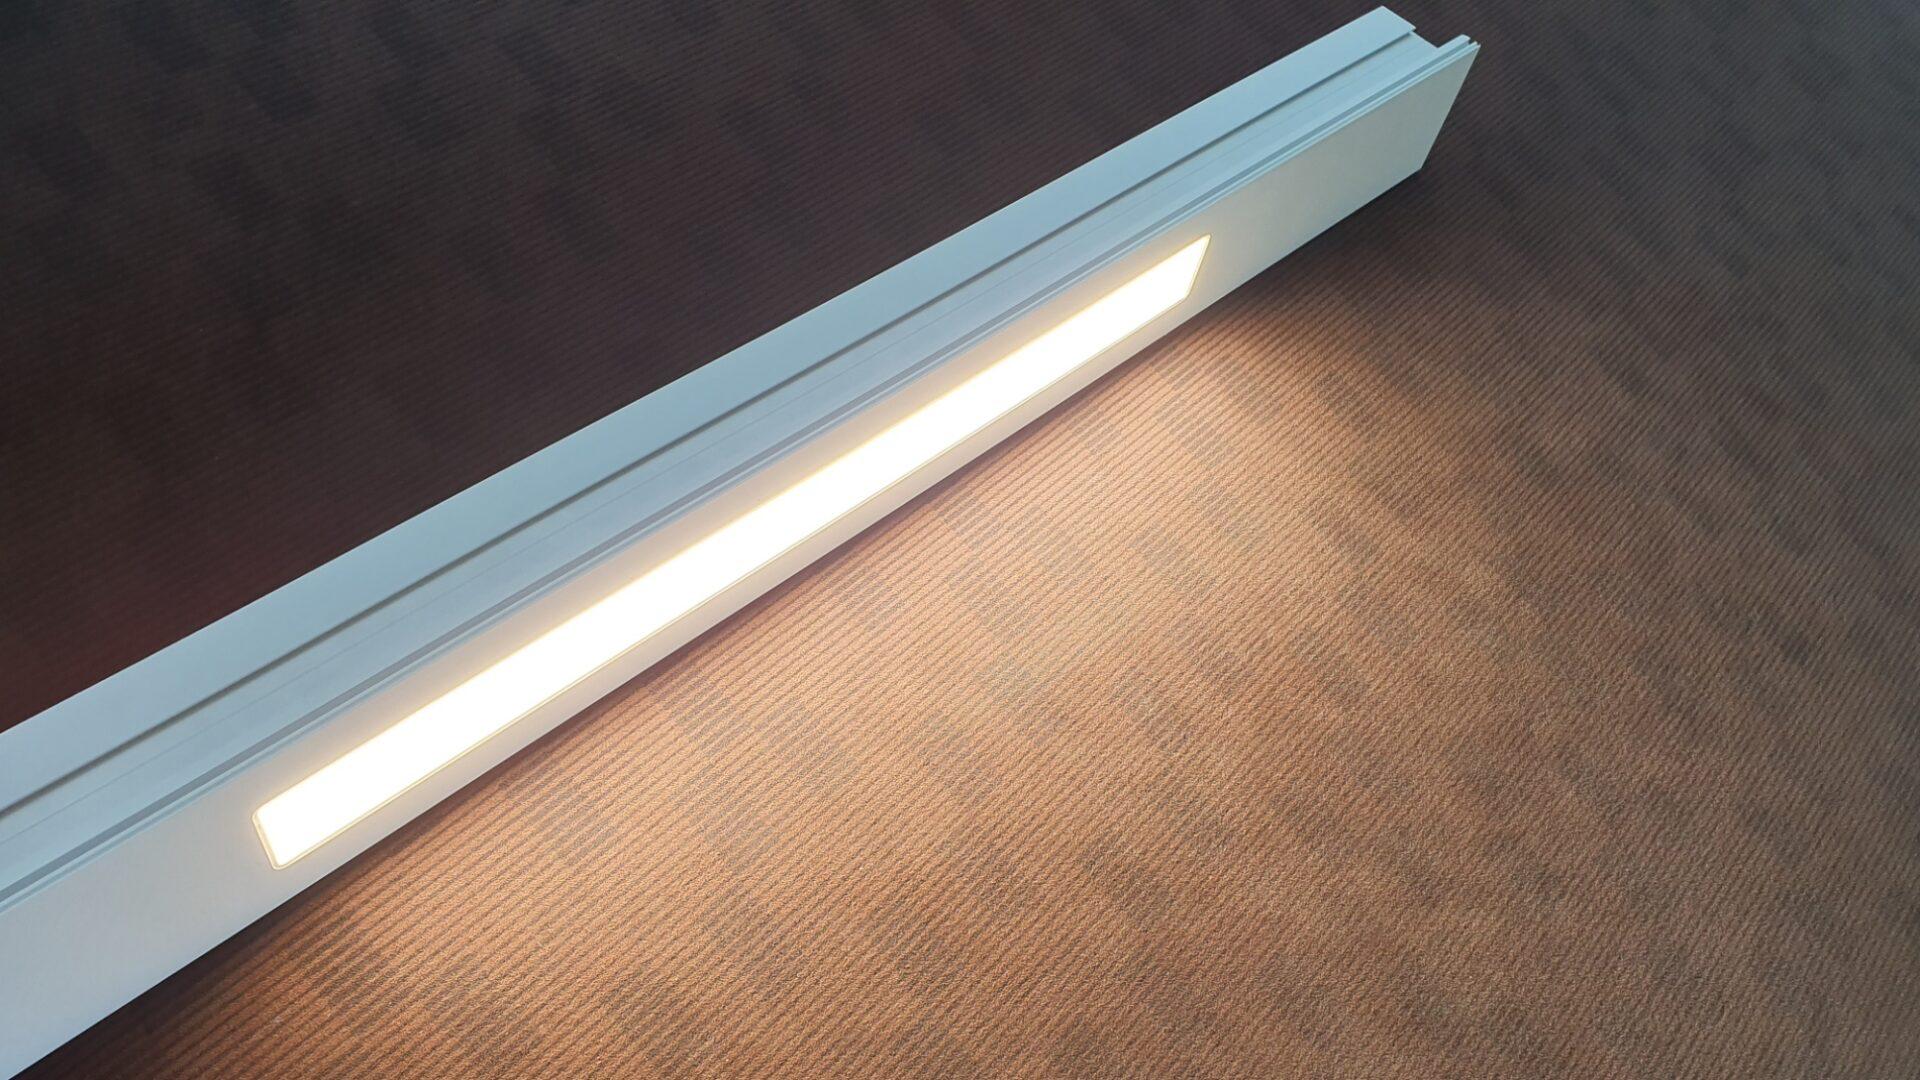 Profil-integrierte Leuchte